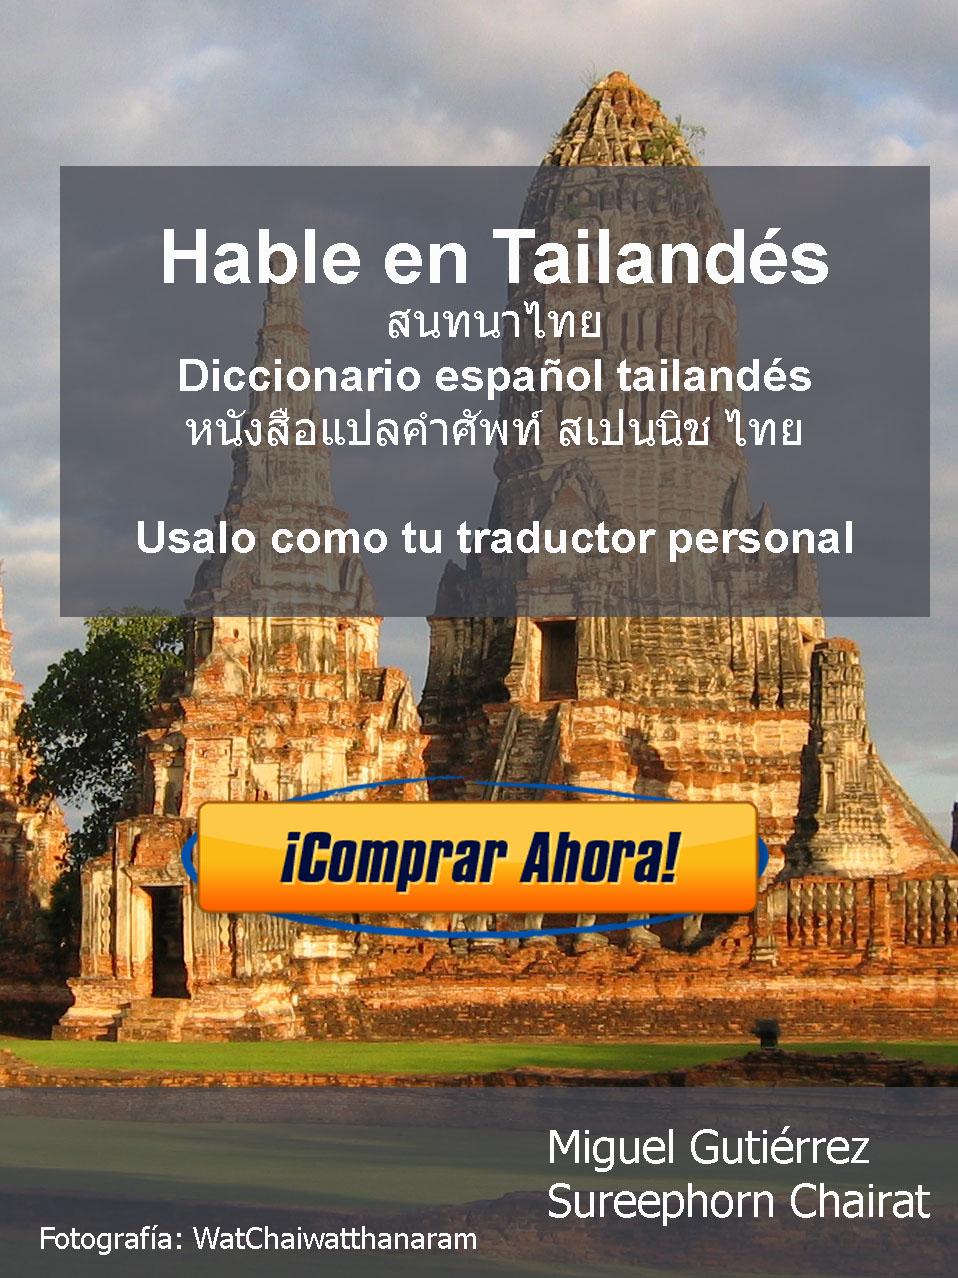 Compre el Diccionario español tailandés